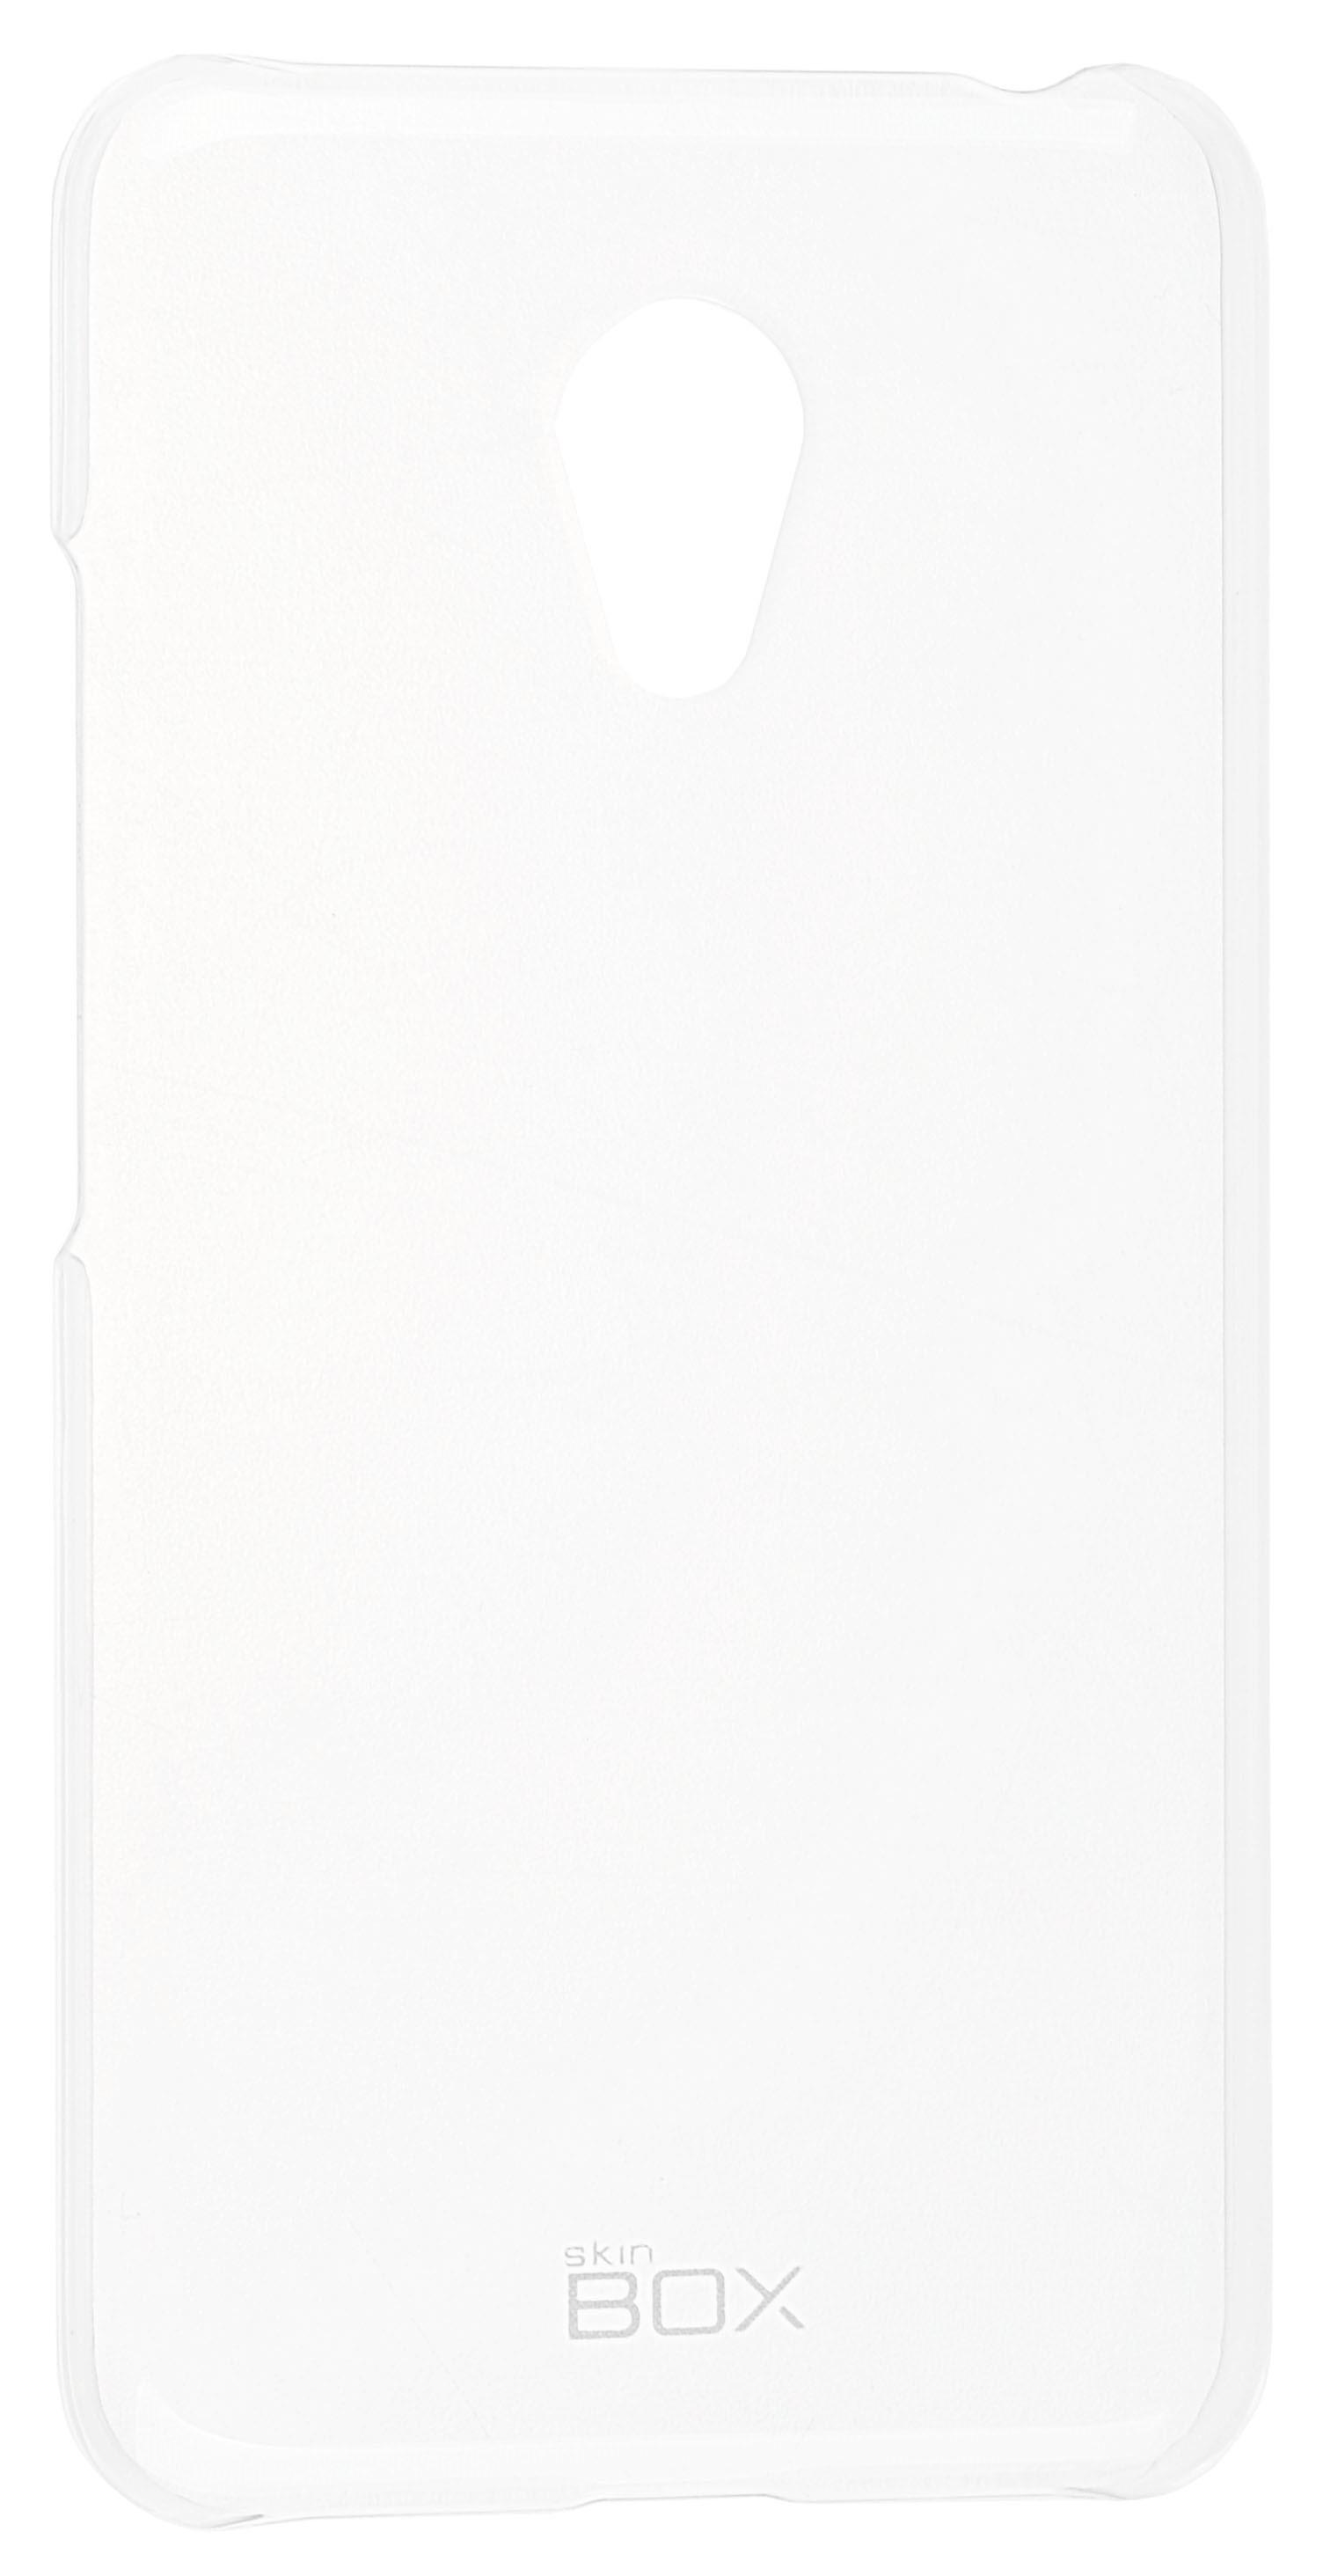 Чехол для сотового телефона skinBOX Crystal, 4630042528024, прозрачный чехол для сотового телефона skinbox crystal 4630042524620 прозрачный